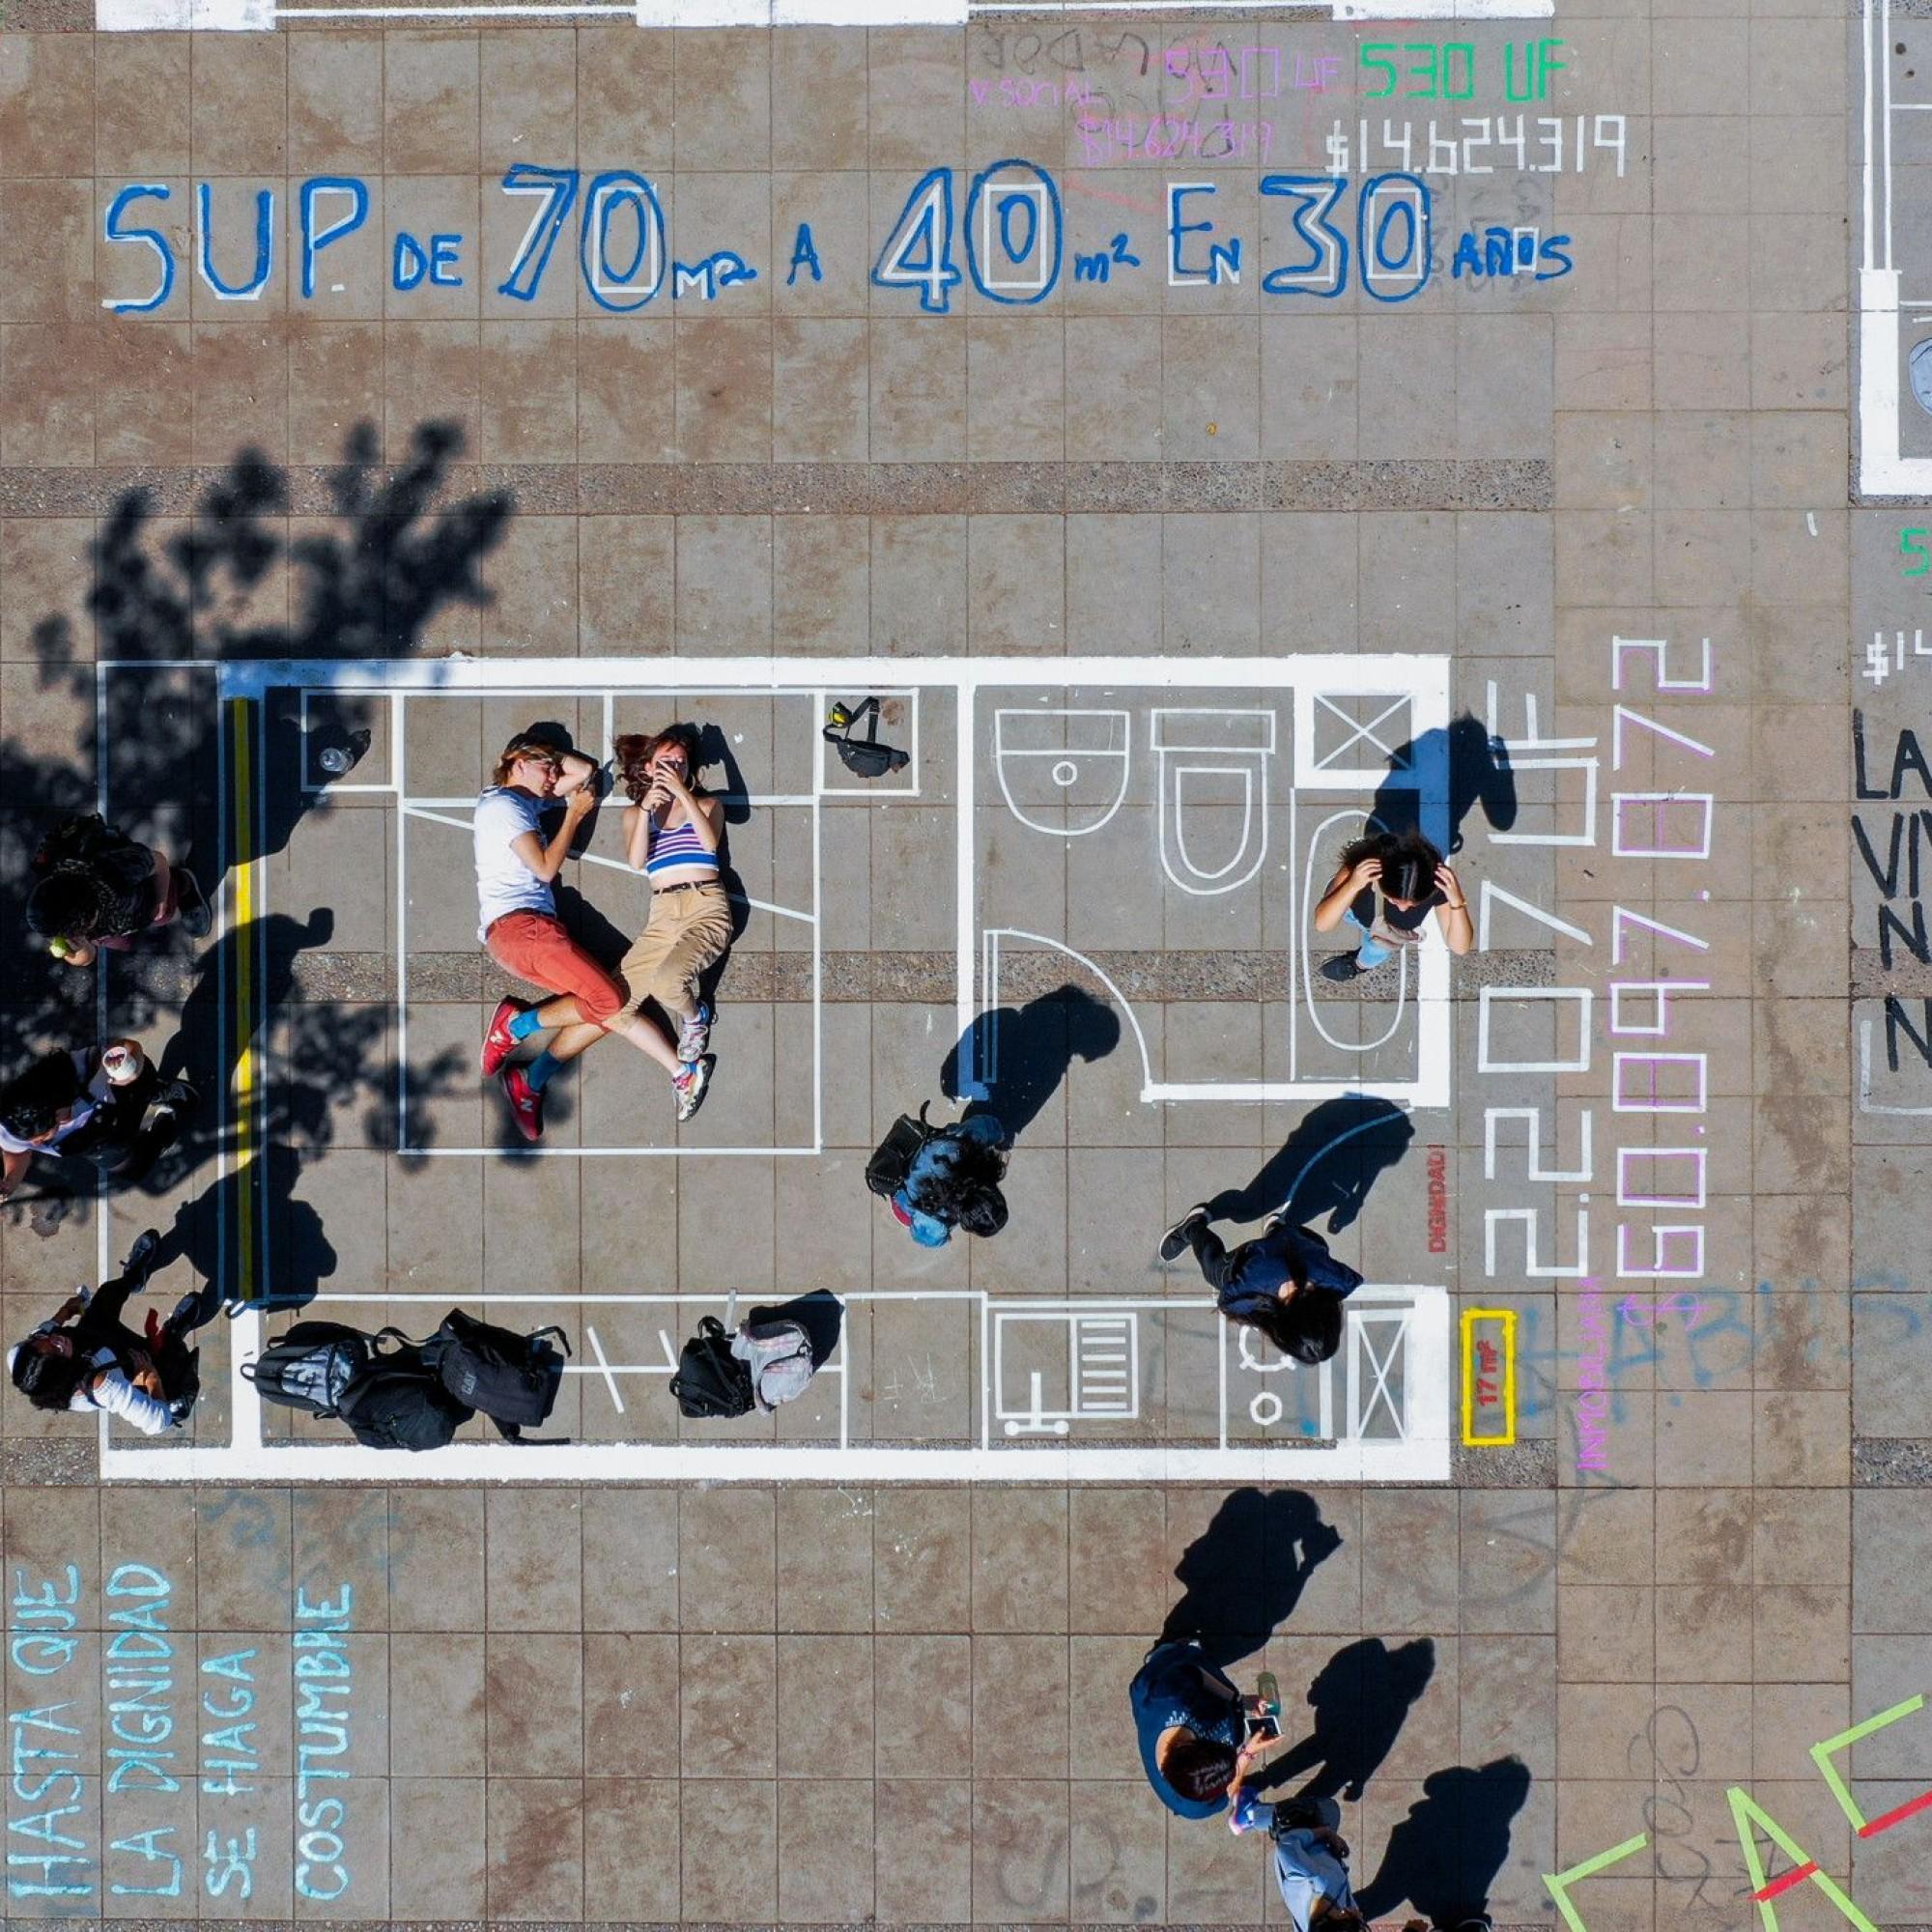 Architekturstudenten im Zentrum von Santiago